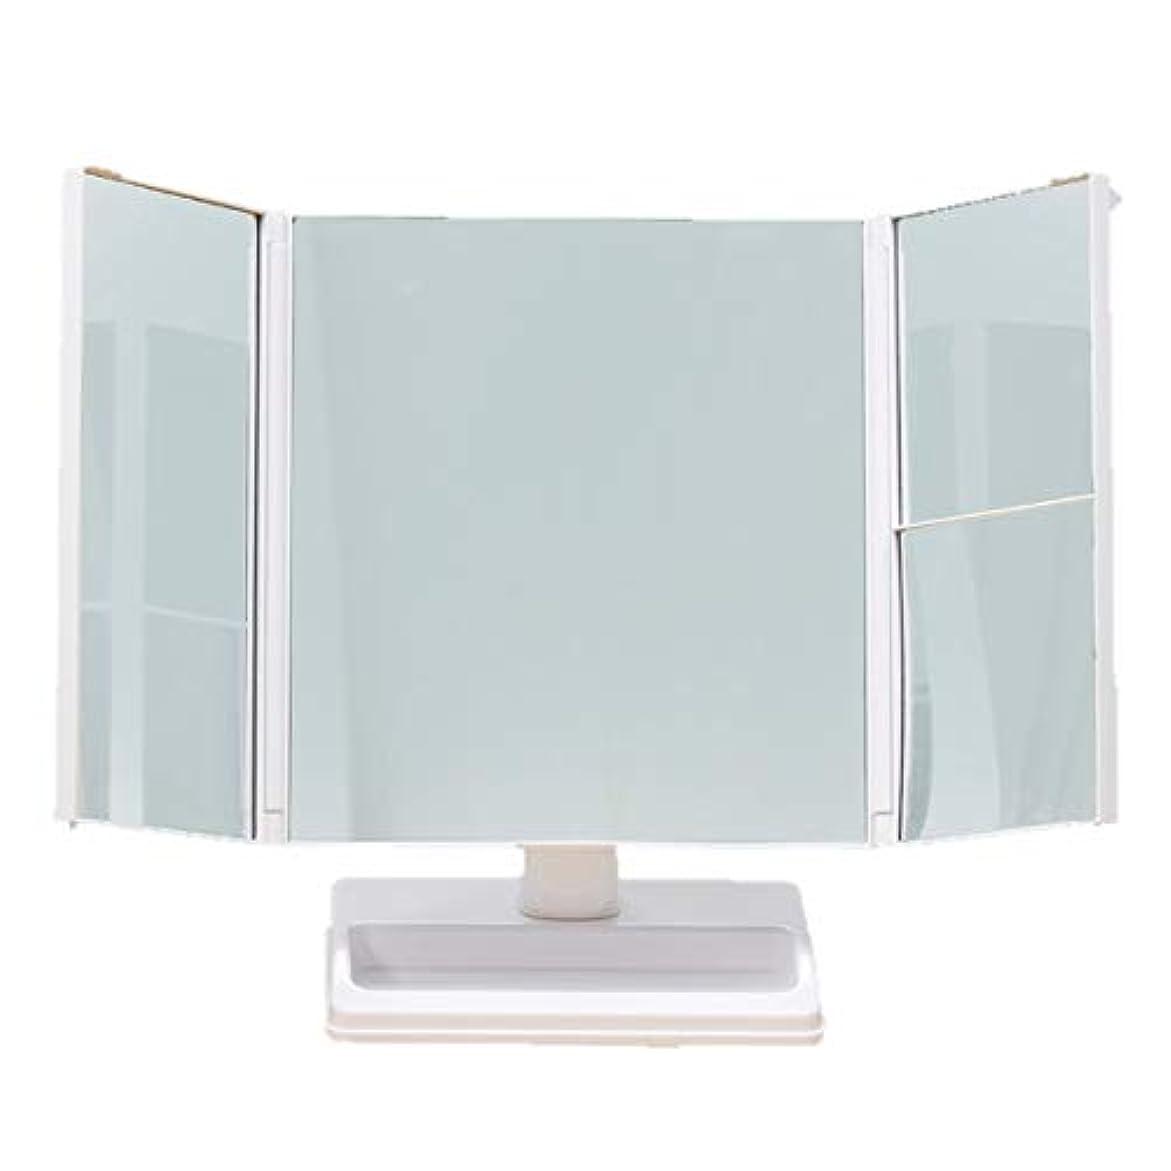 味わう熱望するホイップテーブルで使う拡大鏡付三面ミラー 台座部トレー 360度 回転 卓上ミラー 三面鏡 拡大鏡 化粧鏡 スタンドミラー メイク ヘアアレンジ 頭頂部 チェック